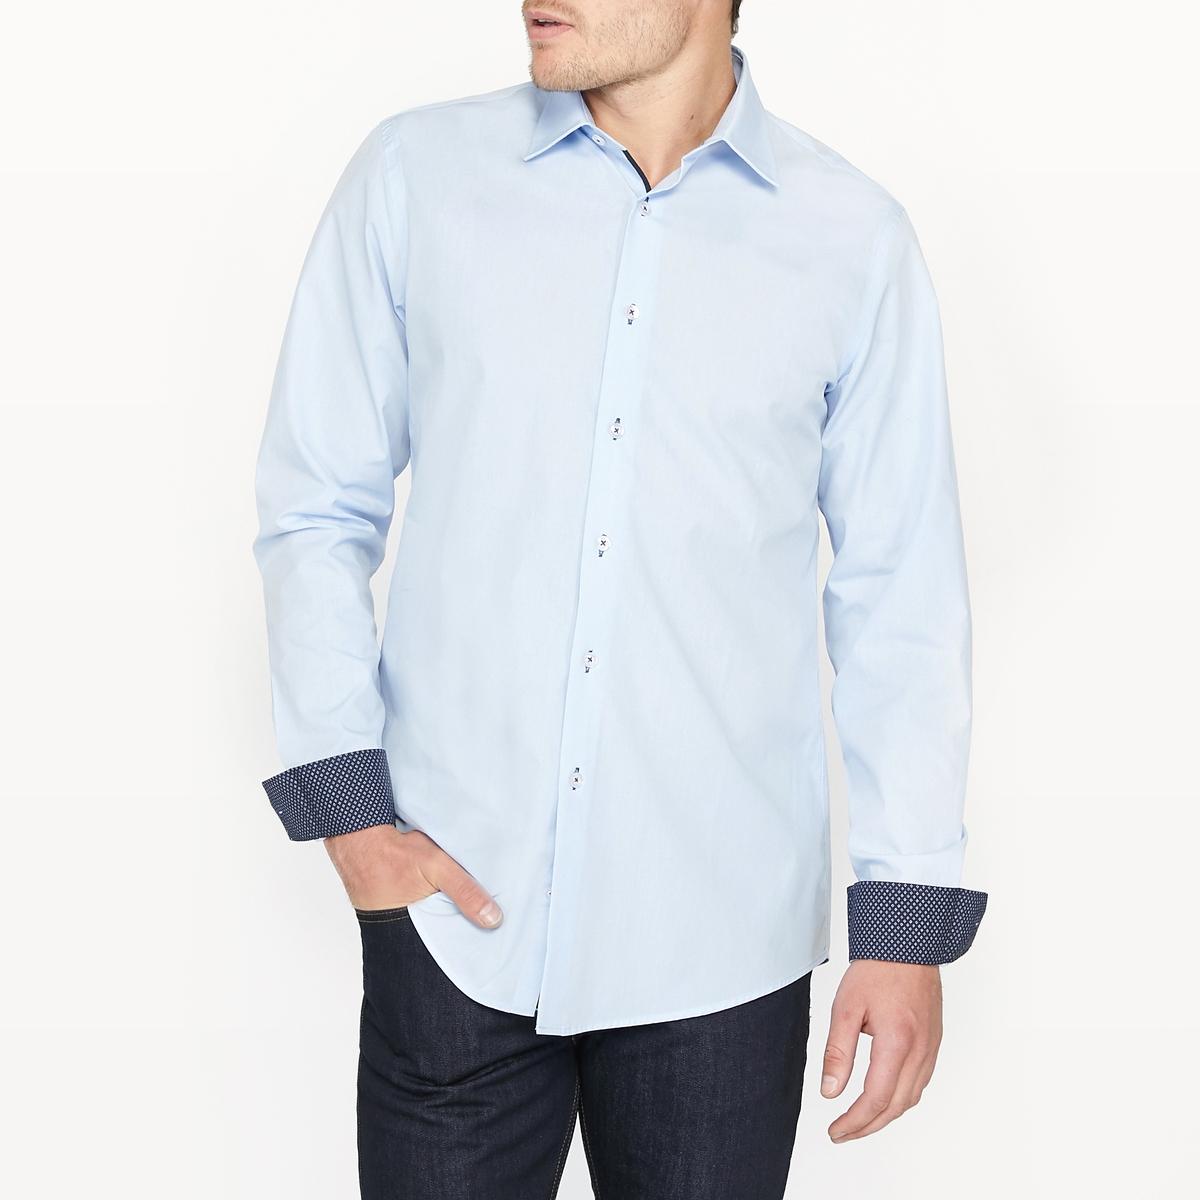 Рубашка узкая 100% хлопокРубашка с длинными рукавами и оригинальными вставками. Узкий покрой и итальянский воротник со свободными кончиками. Закругленный низ. Манжеты с отворотами и планка застежки на пуговицы.Состав и описание:Материал  100% хлопкаМарка  R essentielДлина: 79 см Уход:Машинная стирка при 30°CСтирка с вещами схожих цветовОтбеливание запрещеноГладить на средней температуре Сухая (химическая) чистка запрещенаМашинная сушка запрещена<br><br>Цвет: небесно-голубой<br>Размер: 41/42.39/40